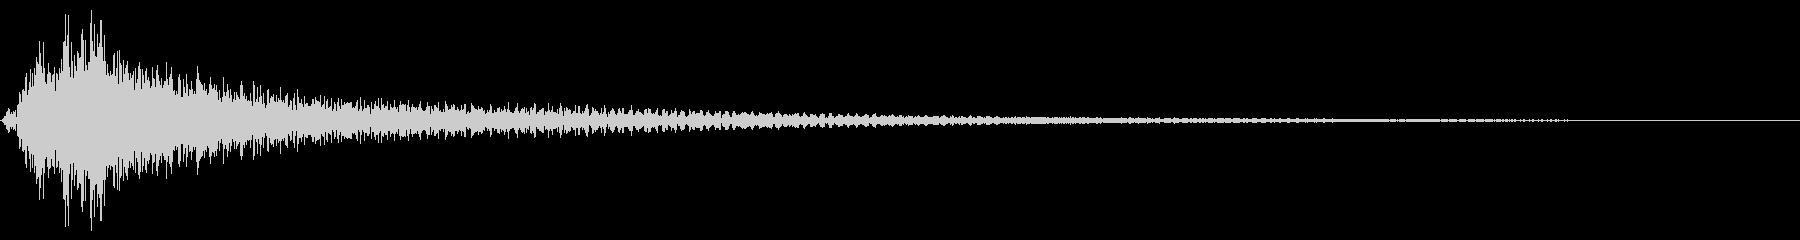 ワイルド かき鳴らし ナイロンギターの未再生の波形